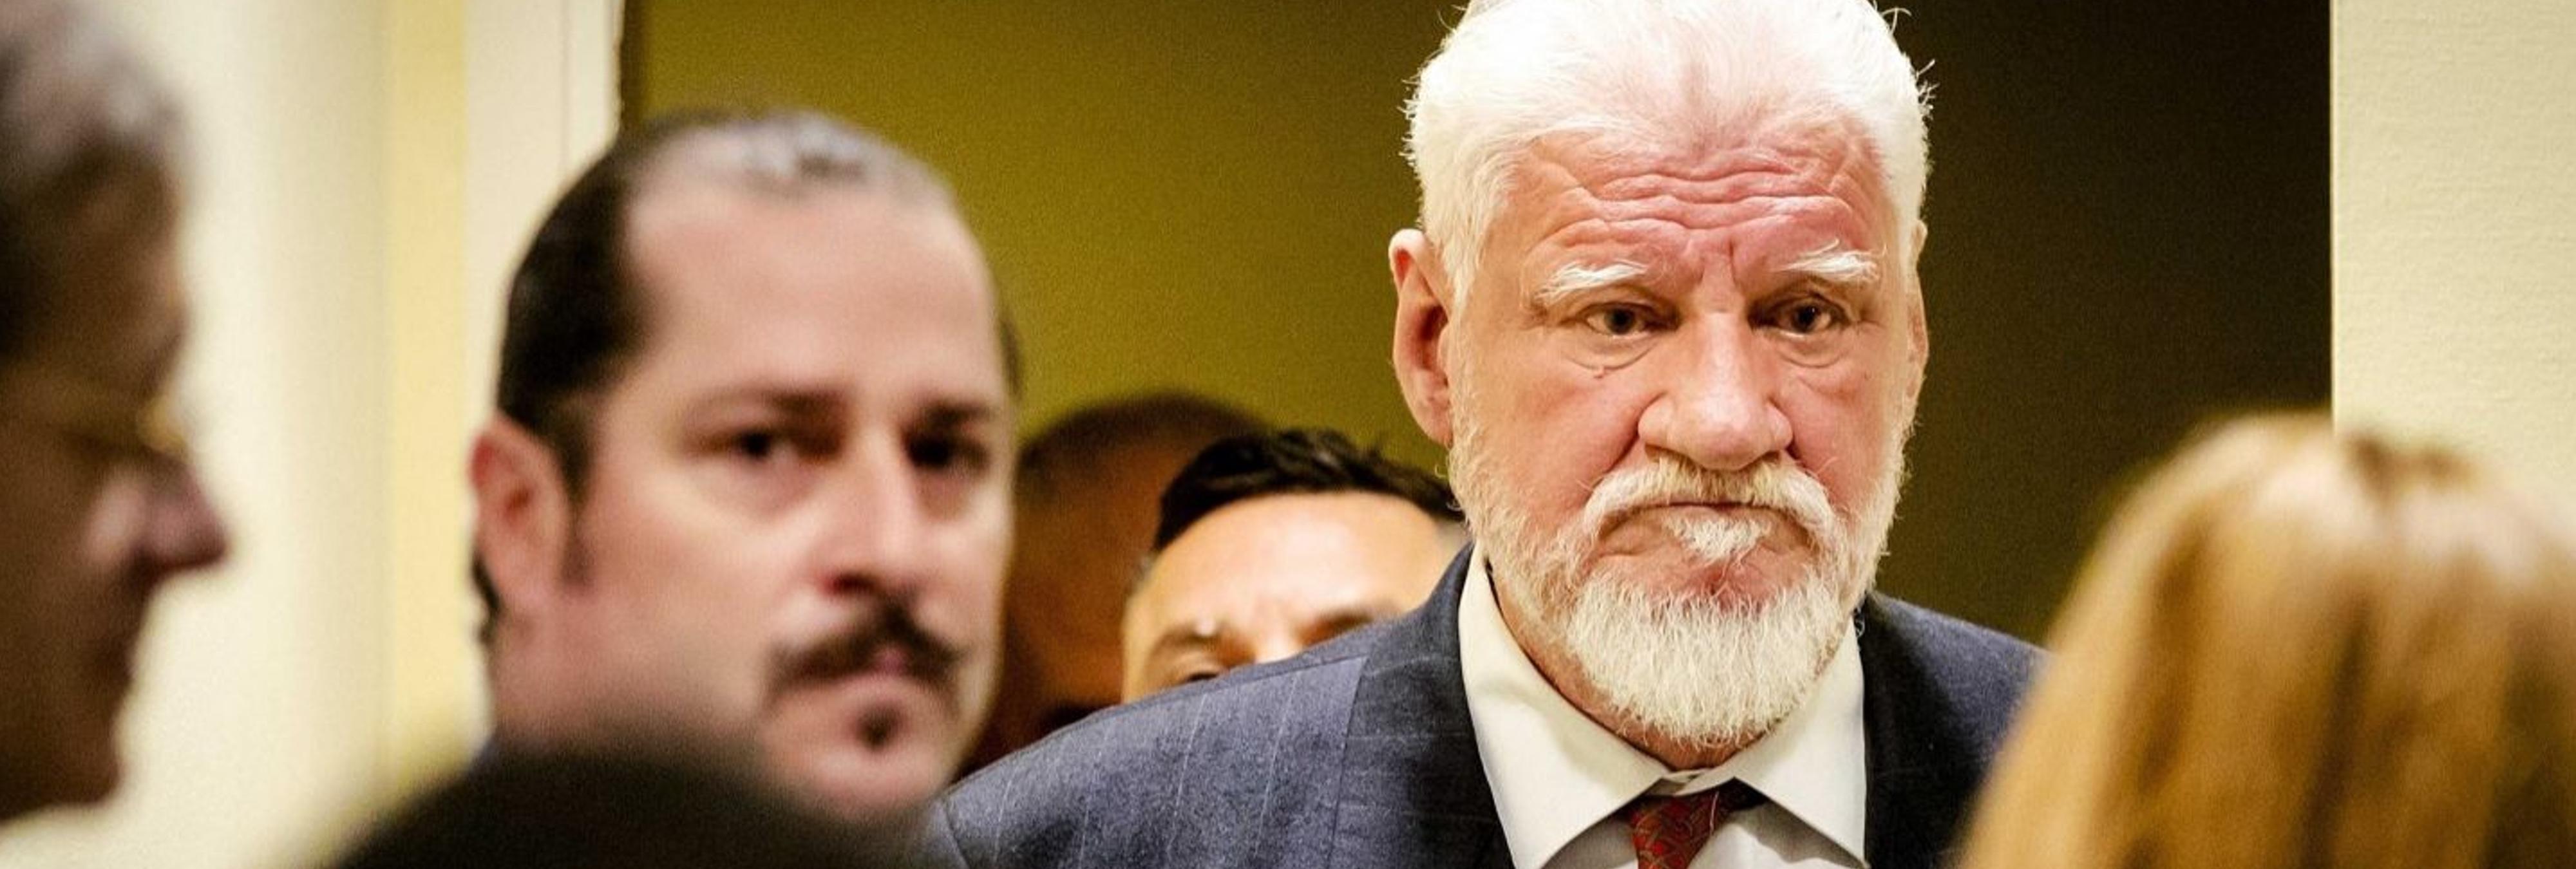 Un criminal de guerra bosnio ingiere veneno tras ser condenado a 20 años por La Haya